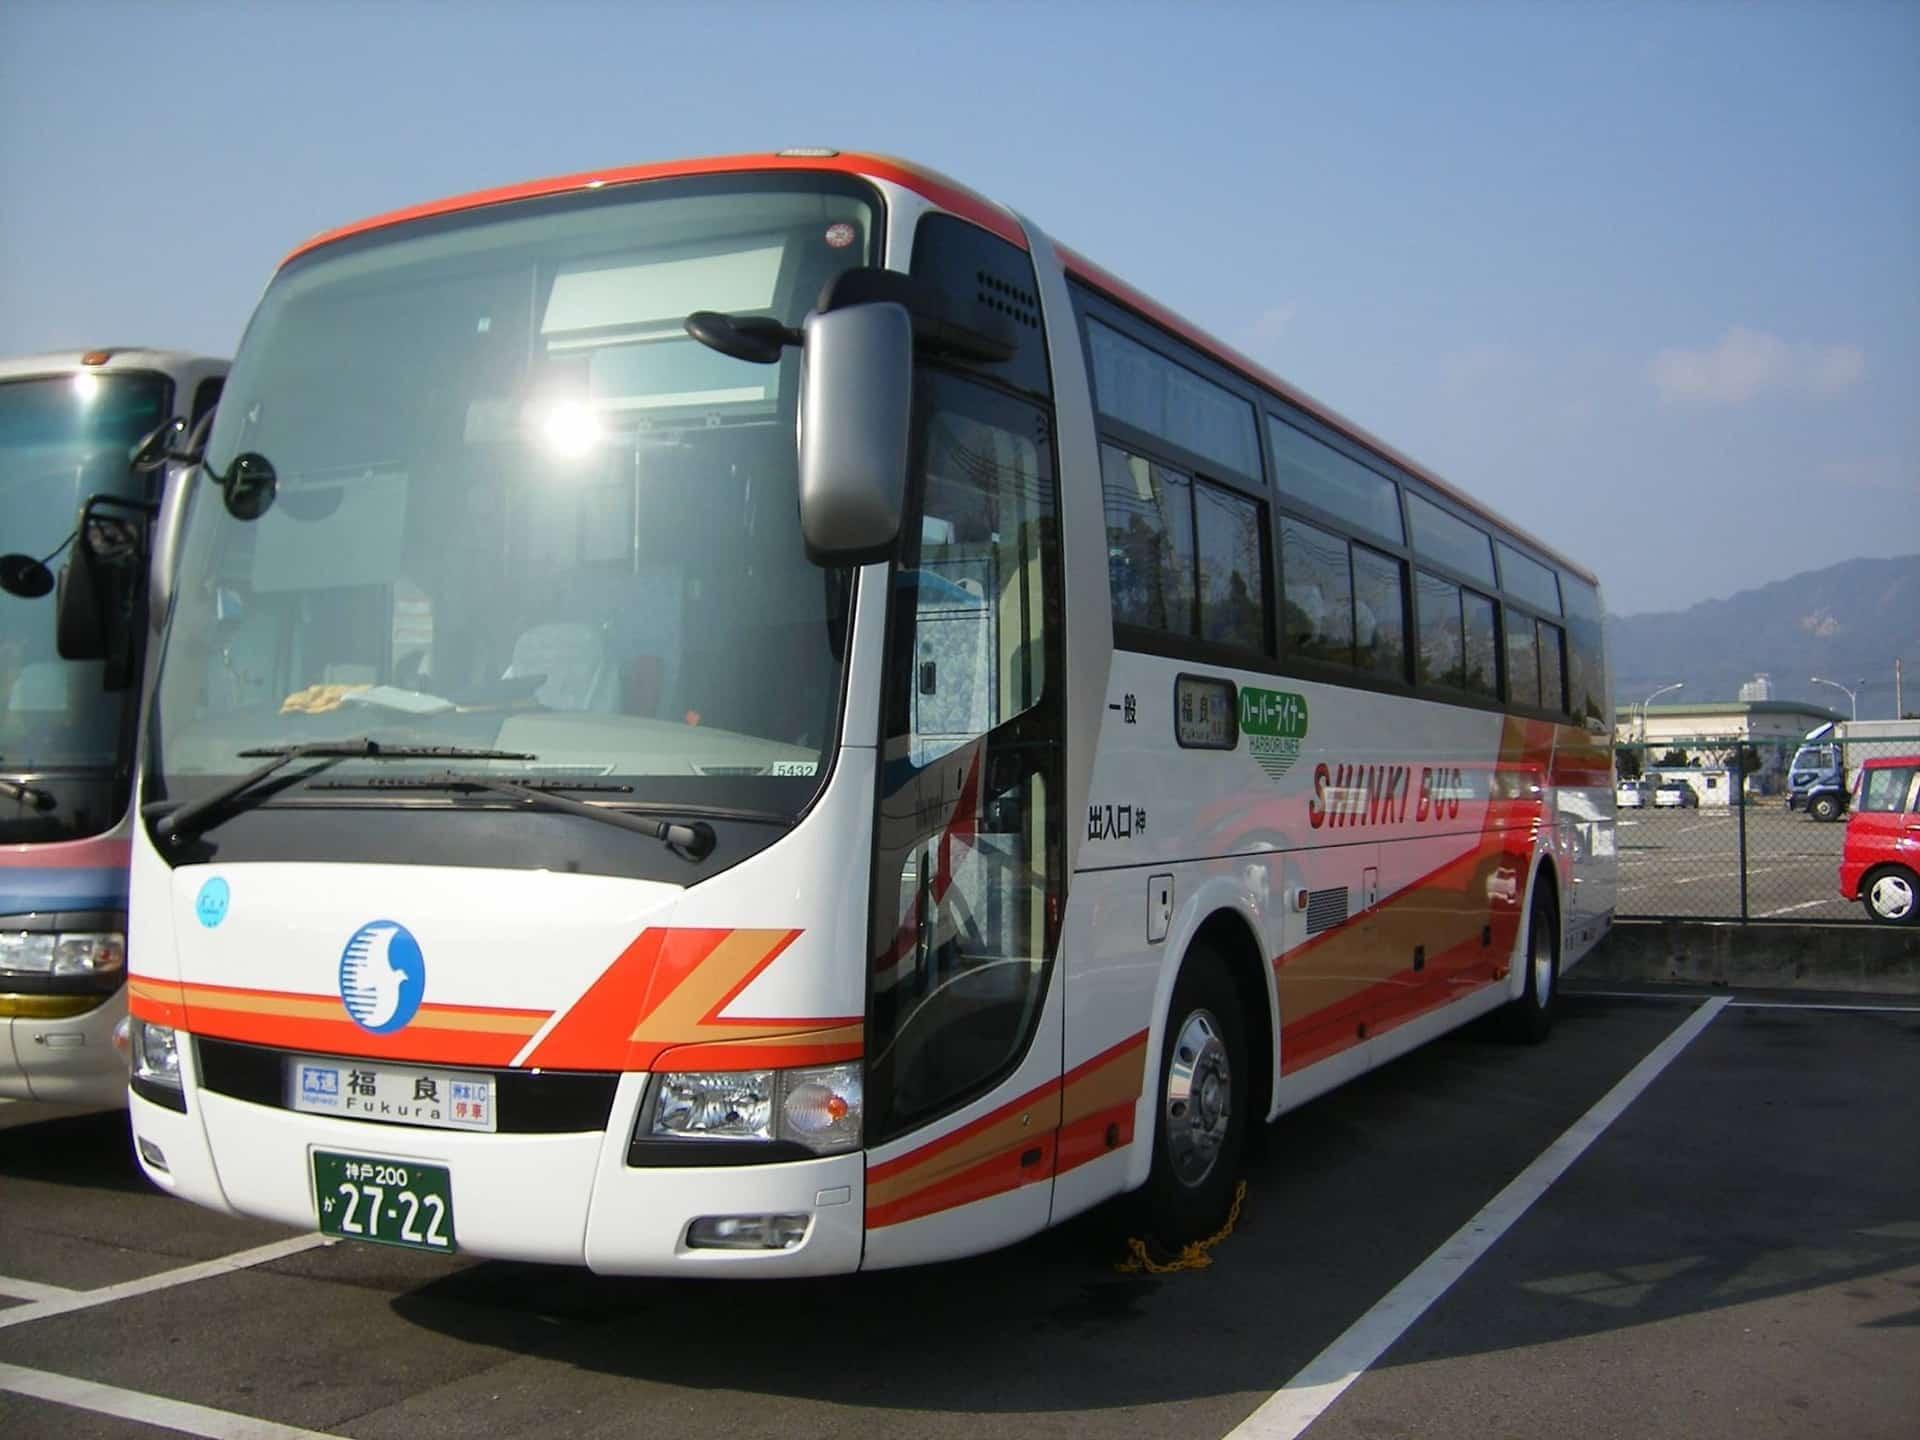 50分で到着!三宮から三田プレミアムアウトレットに行くにはバスが便利。車がなくてもラクラク